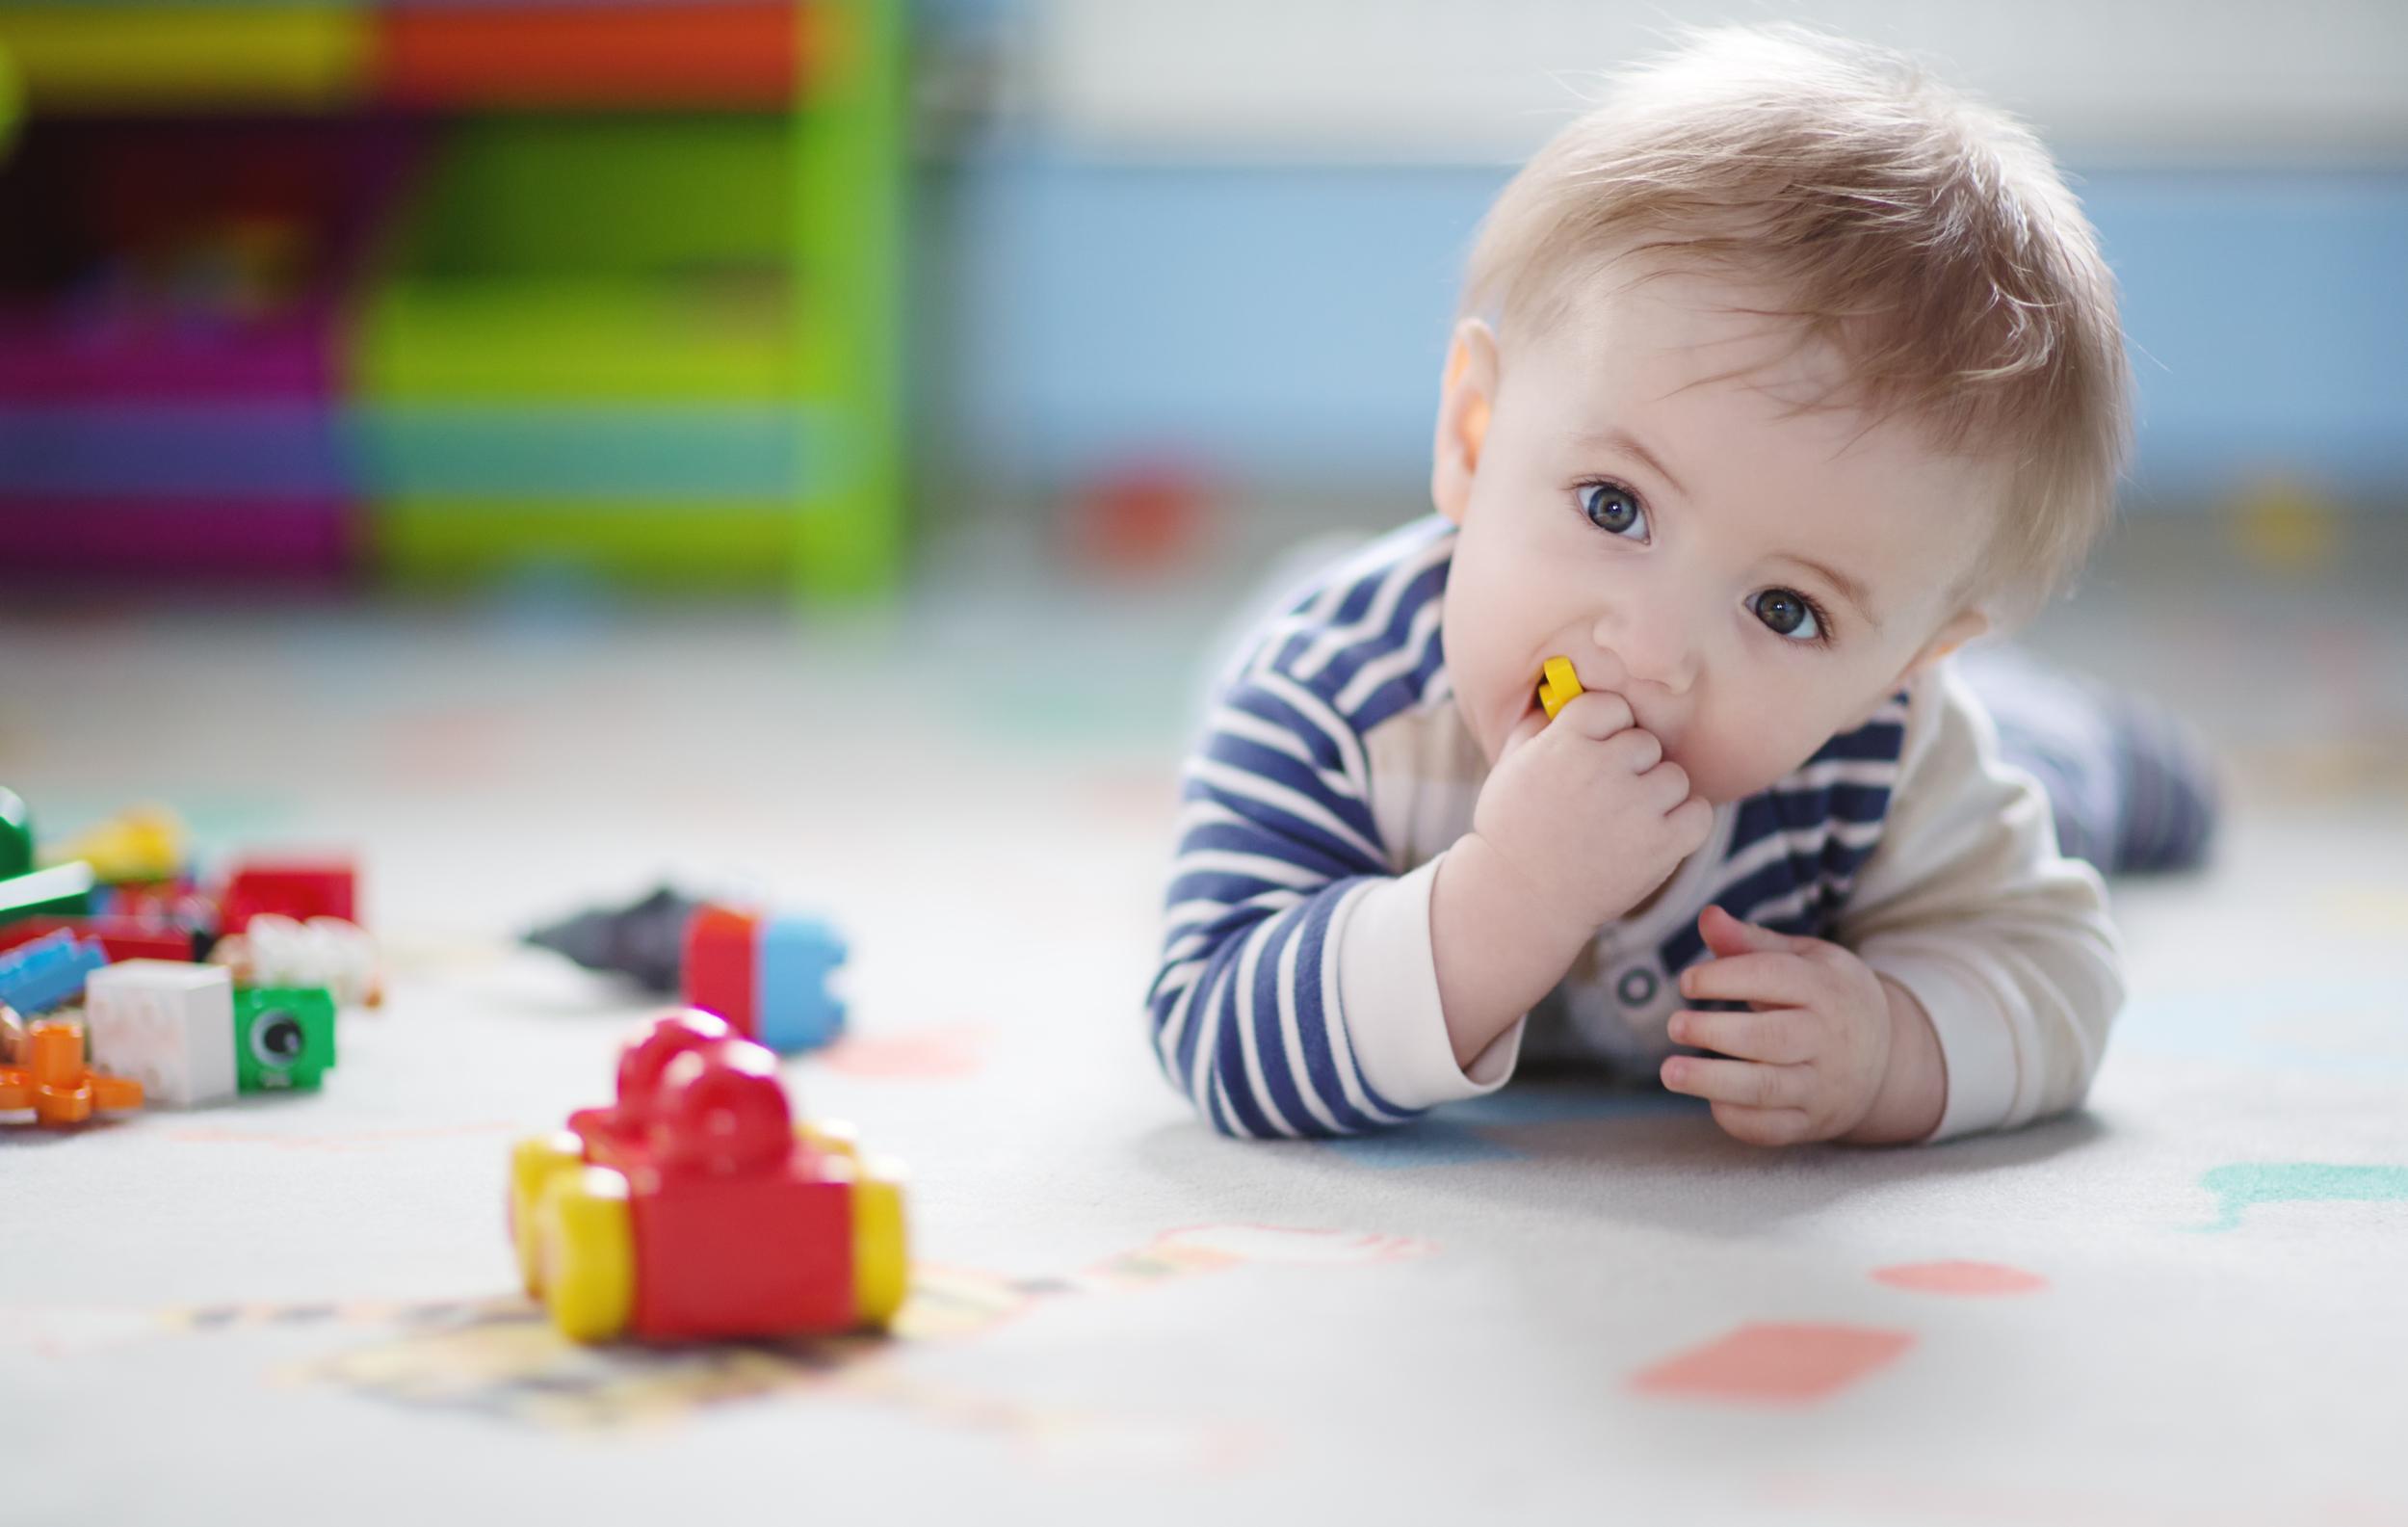 Показатели правильного физического развития ребенка до 1 годика